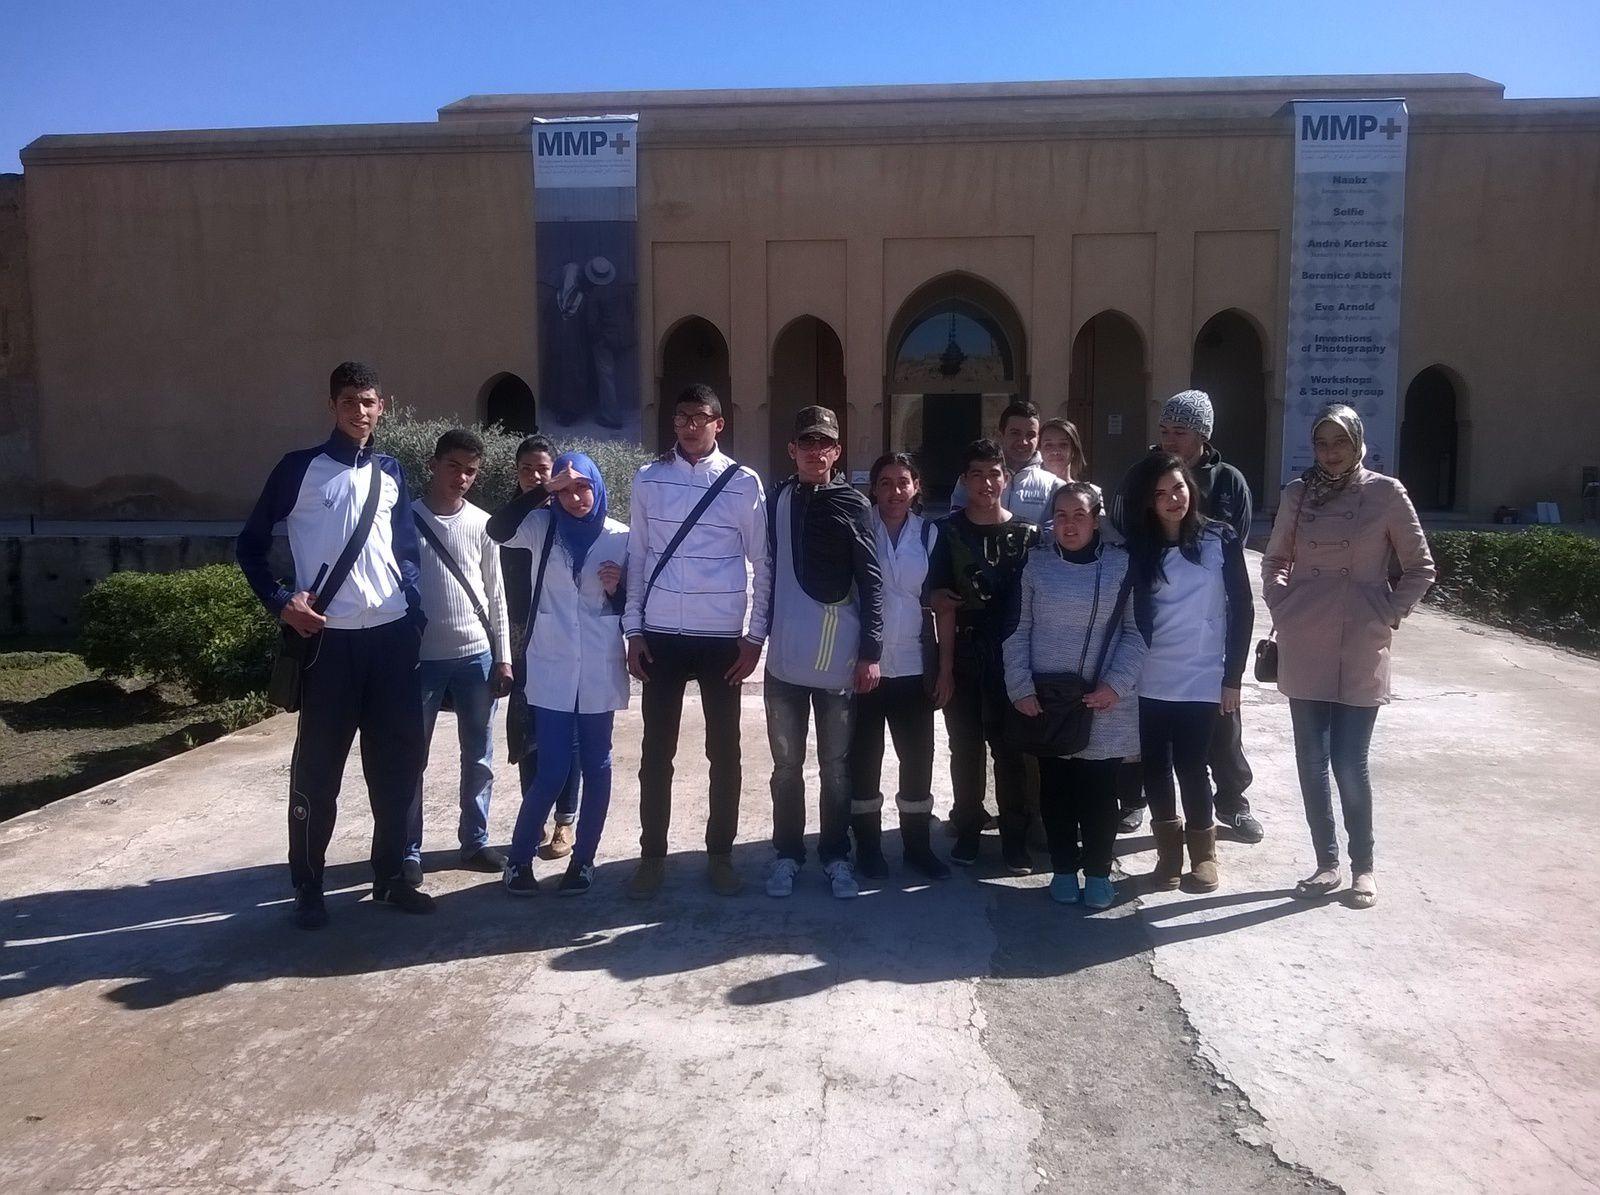 تلاميذ ثانوية حسان بن ثابت التأهيلية - مراكش في زيارتهم للمعرض الدولي للكتاب و متحف مراكش للتصوير الفوتوغرافي و الفنون البصرية